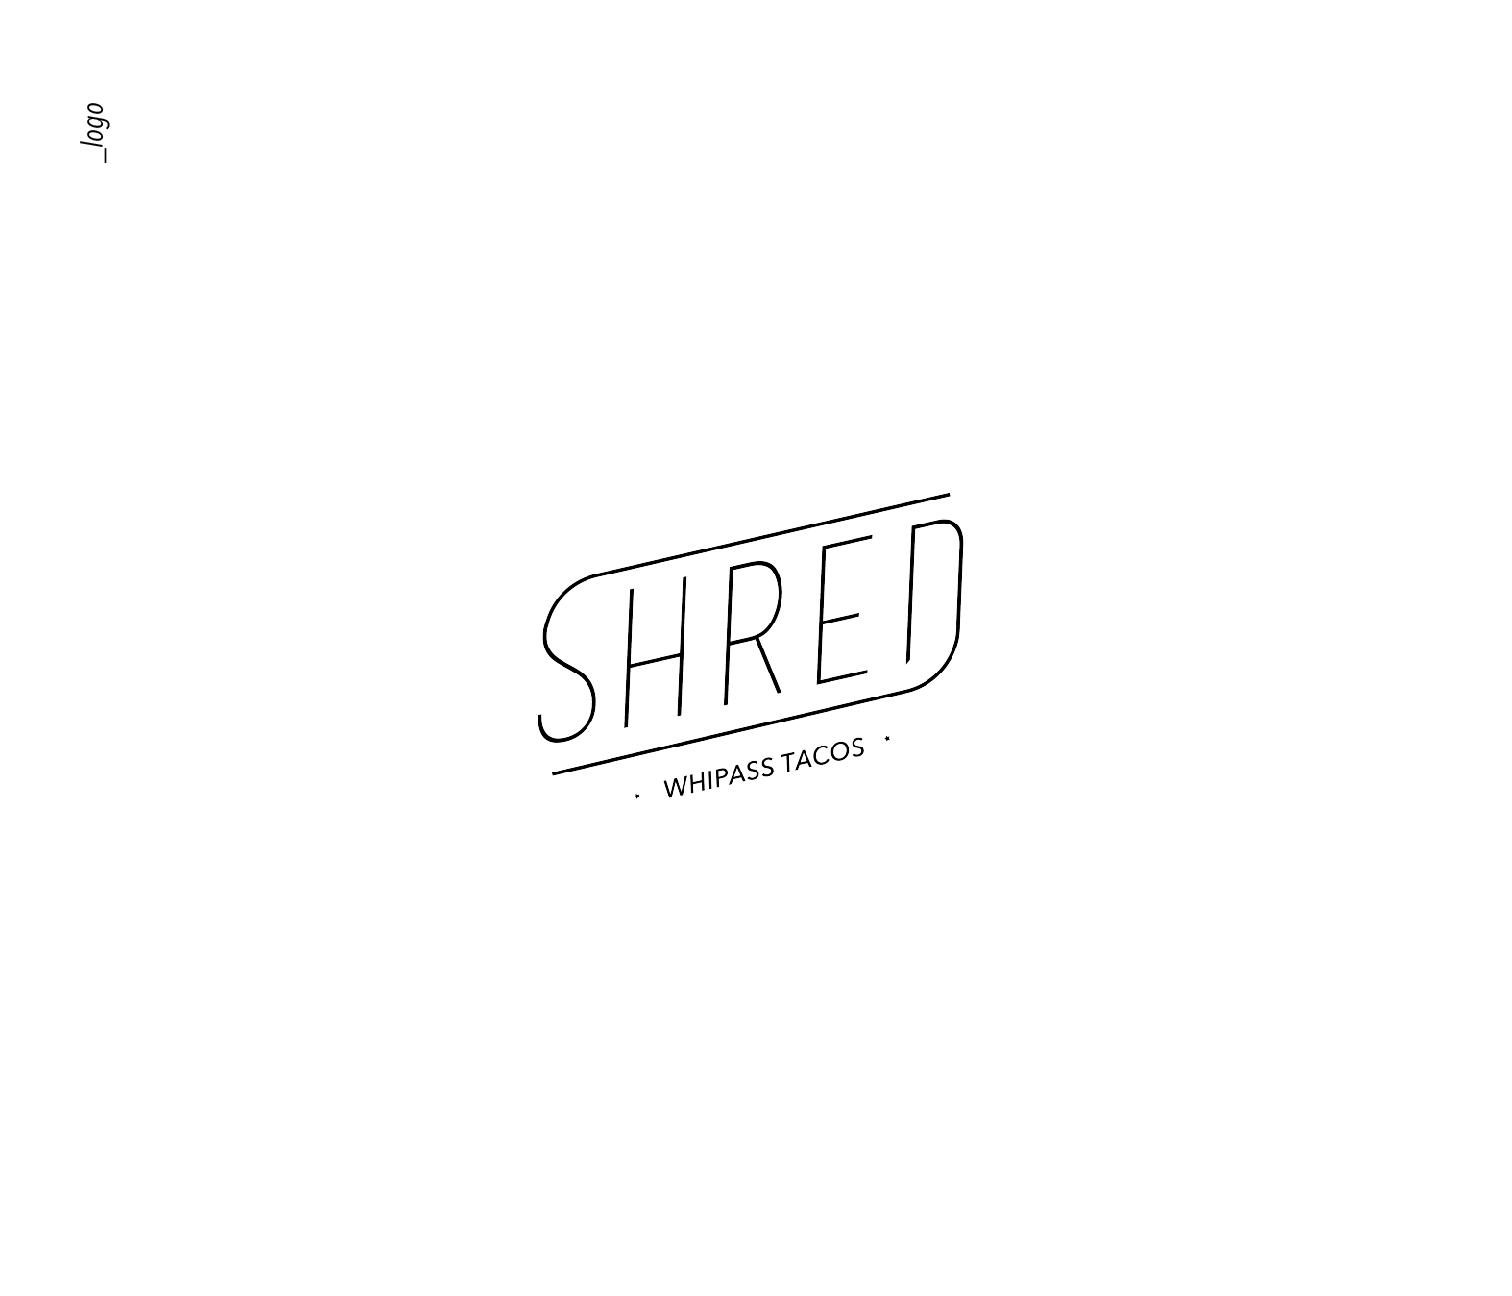 Shred_ROUNDUP-01.jpg